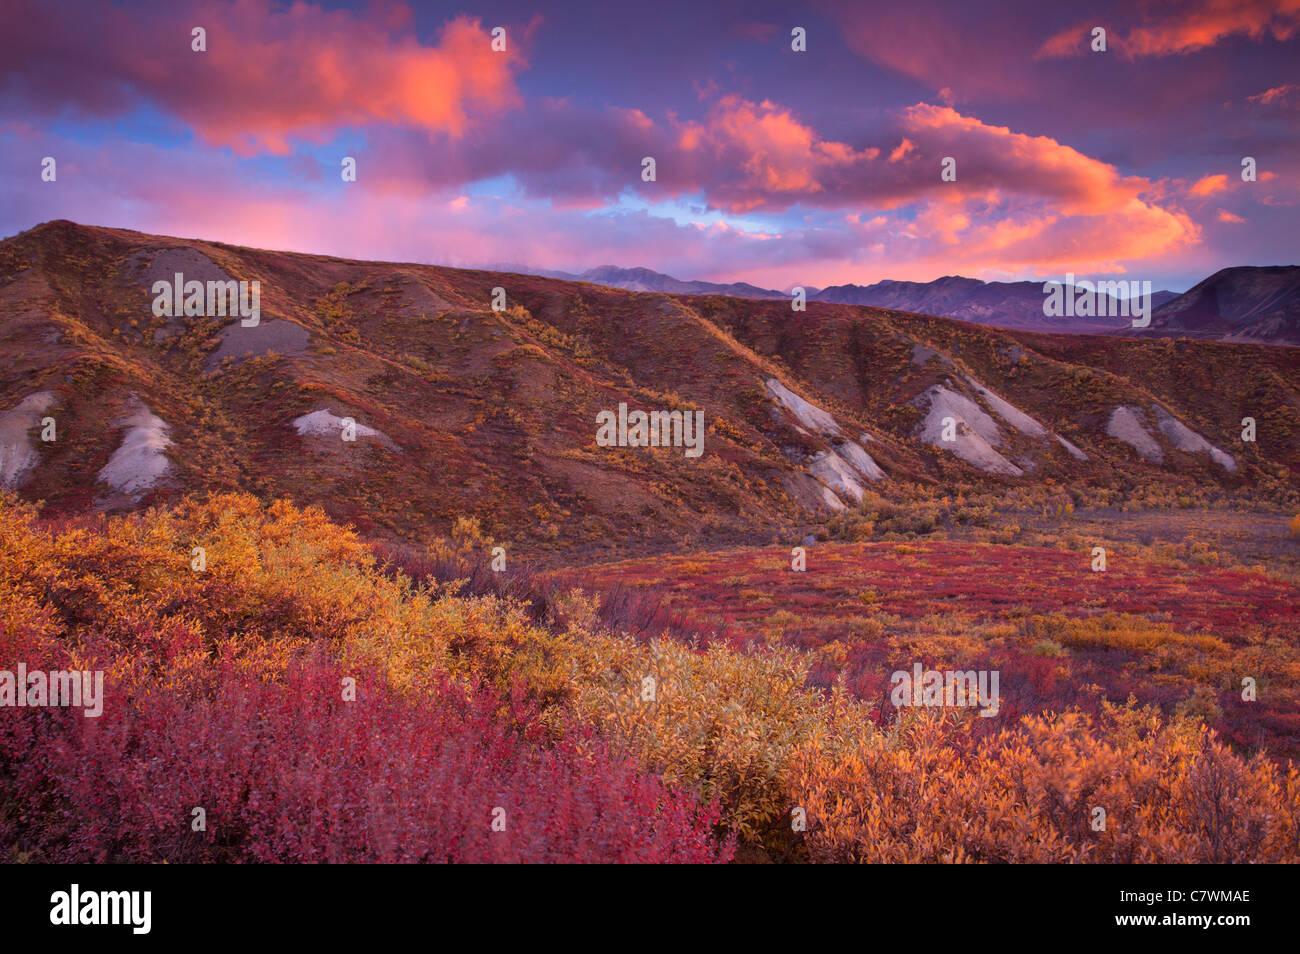 Atardecer en Sable Pass, el Parque Nacional Denali, Alaska. Imagen De Stock